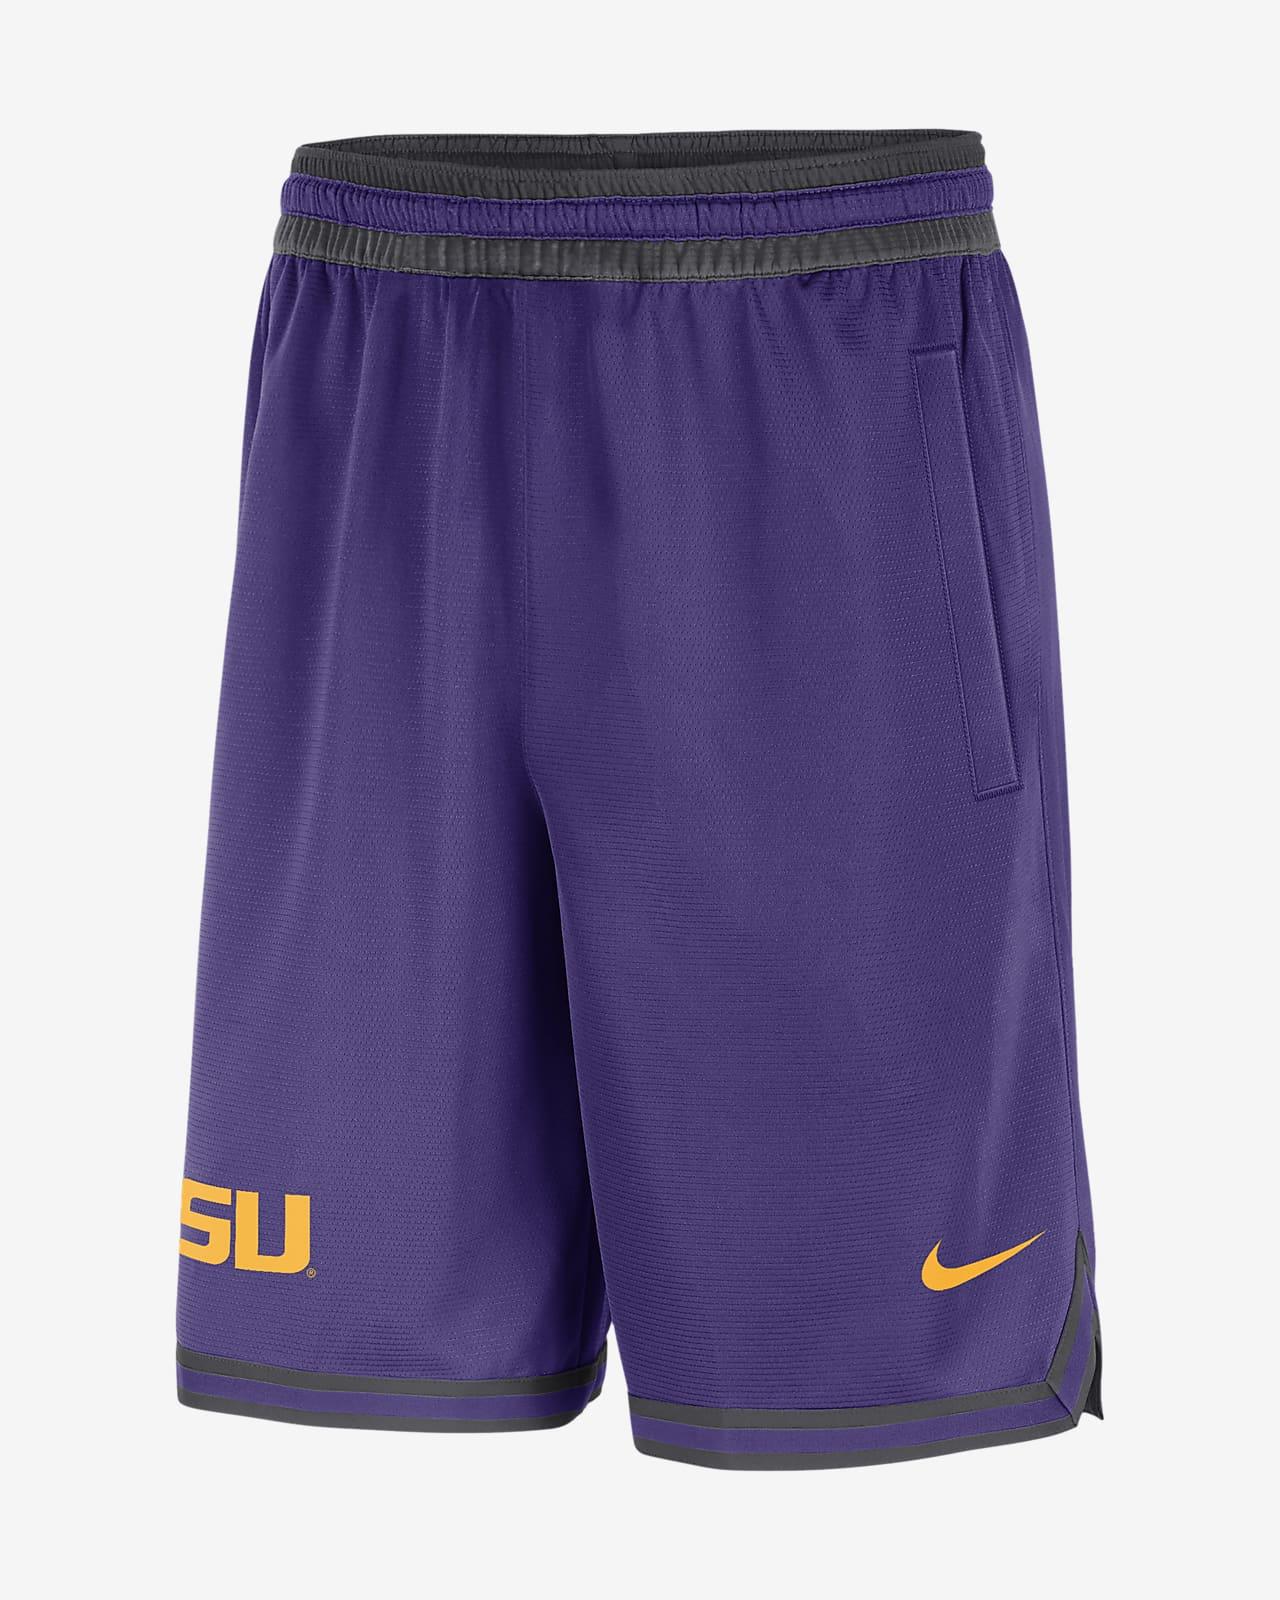 Nike College Dri-FIT DNA (LSU) Men's Shorts